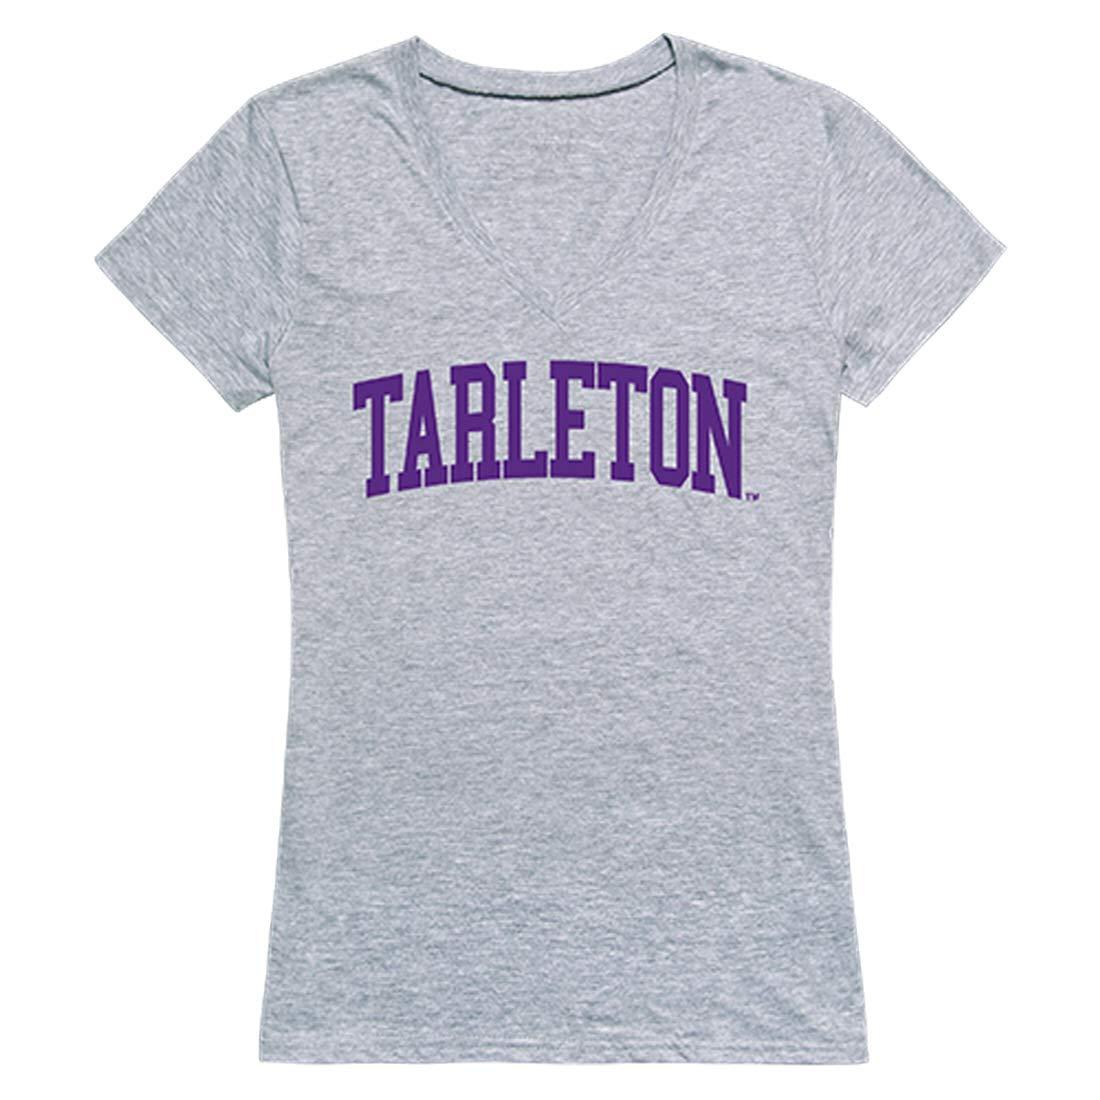 W Republic Tarleton State University Game Day T 3973 Shirts